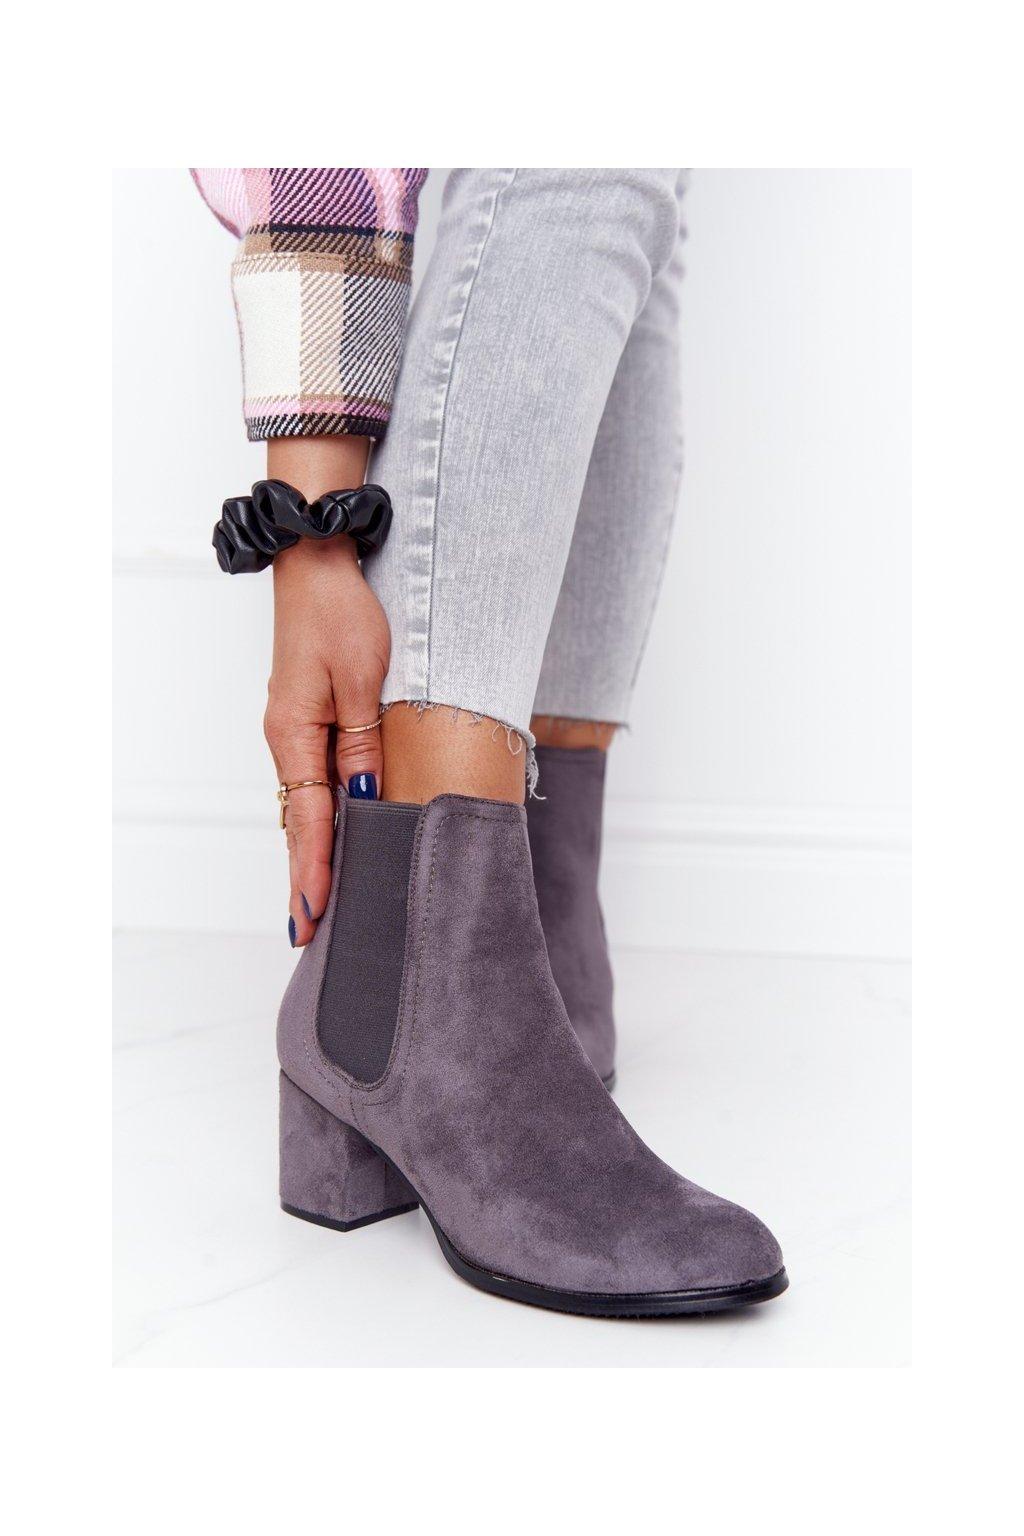 Členkové topánky na podpätku farba sivá kód obuvi A8289-3/A GREY